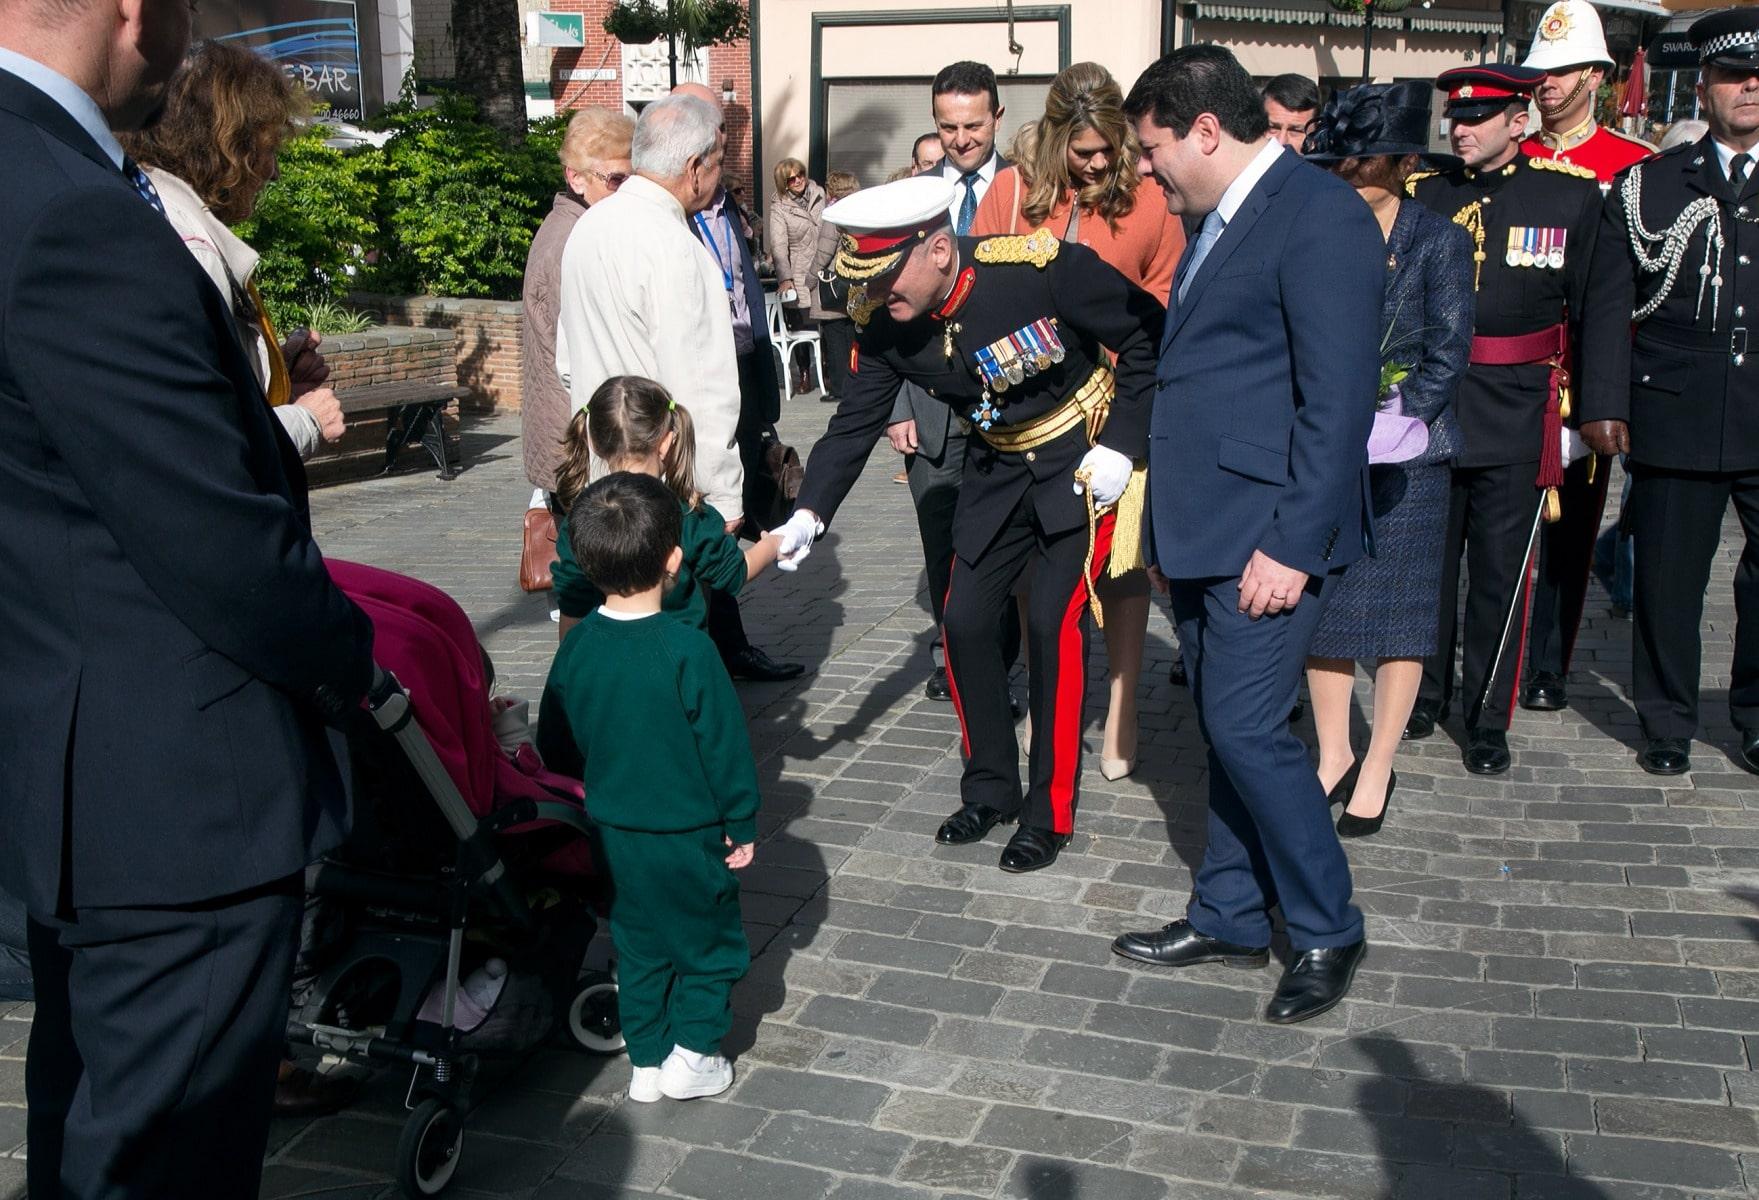 gobernador-de-gibraltar-edward-davis_23870203443_o